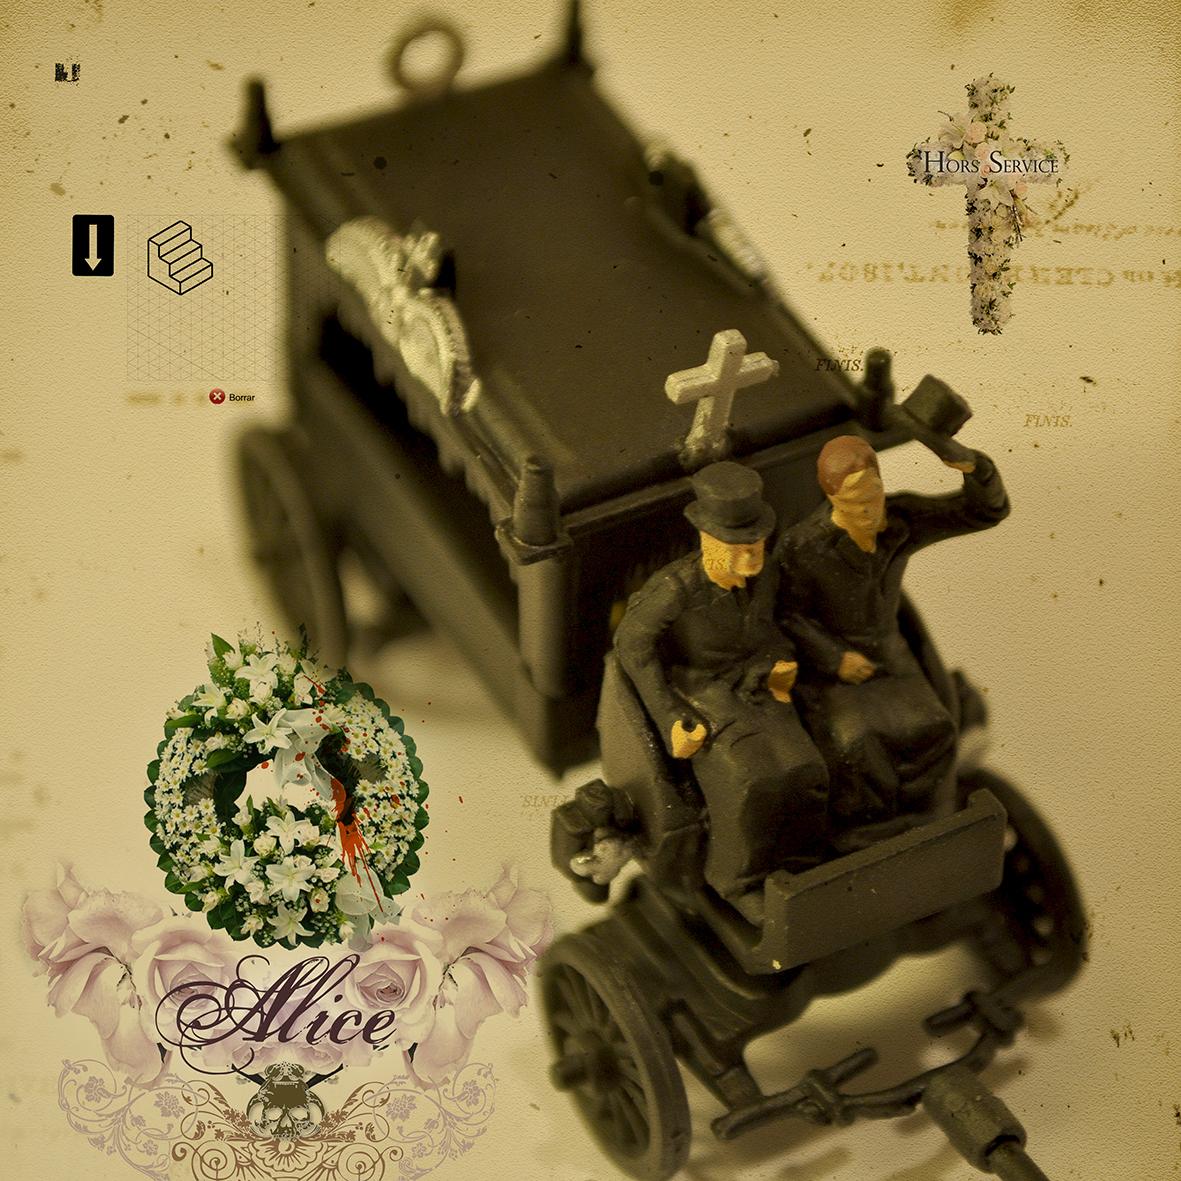 Alice et le deuil de Kral Seker - page